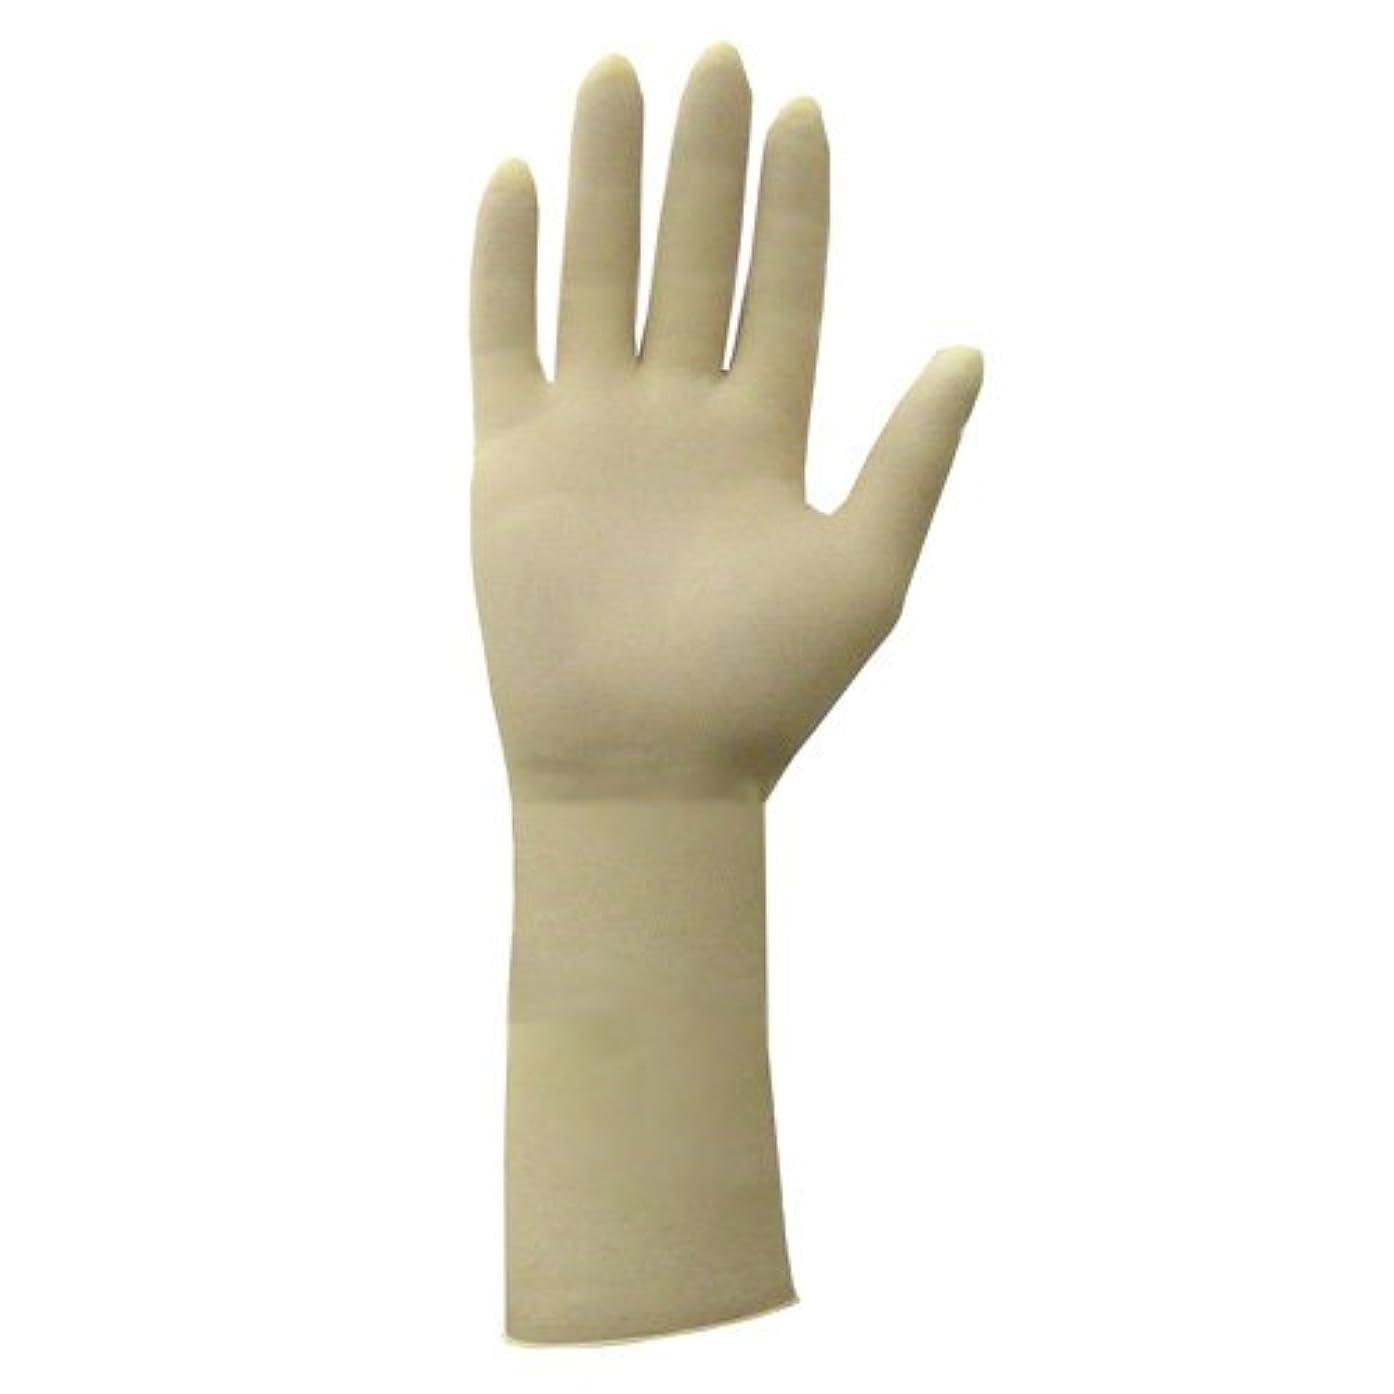 裁判所クラウドシステムロングラテックス手袋(L)1,000枚